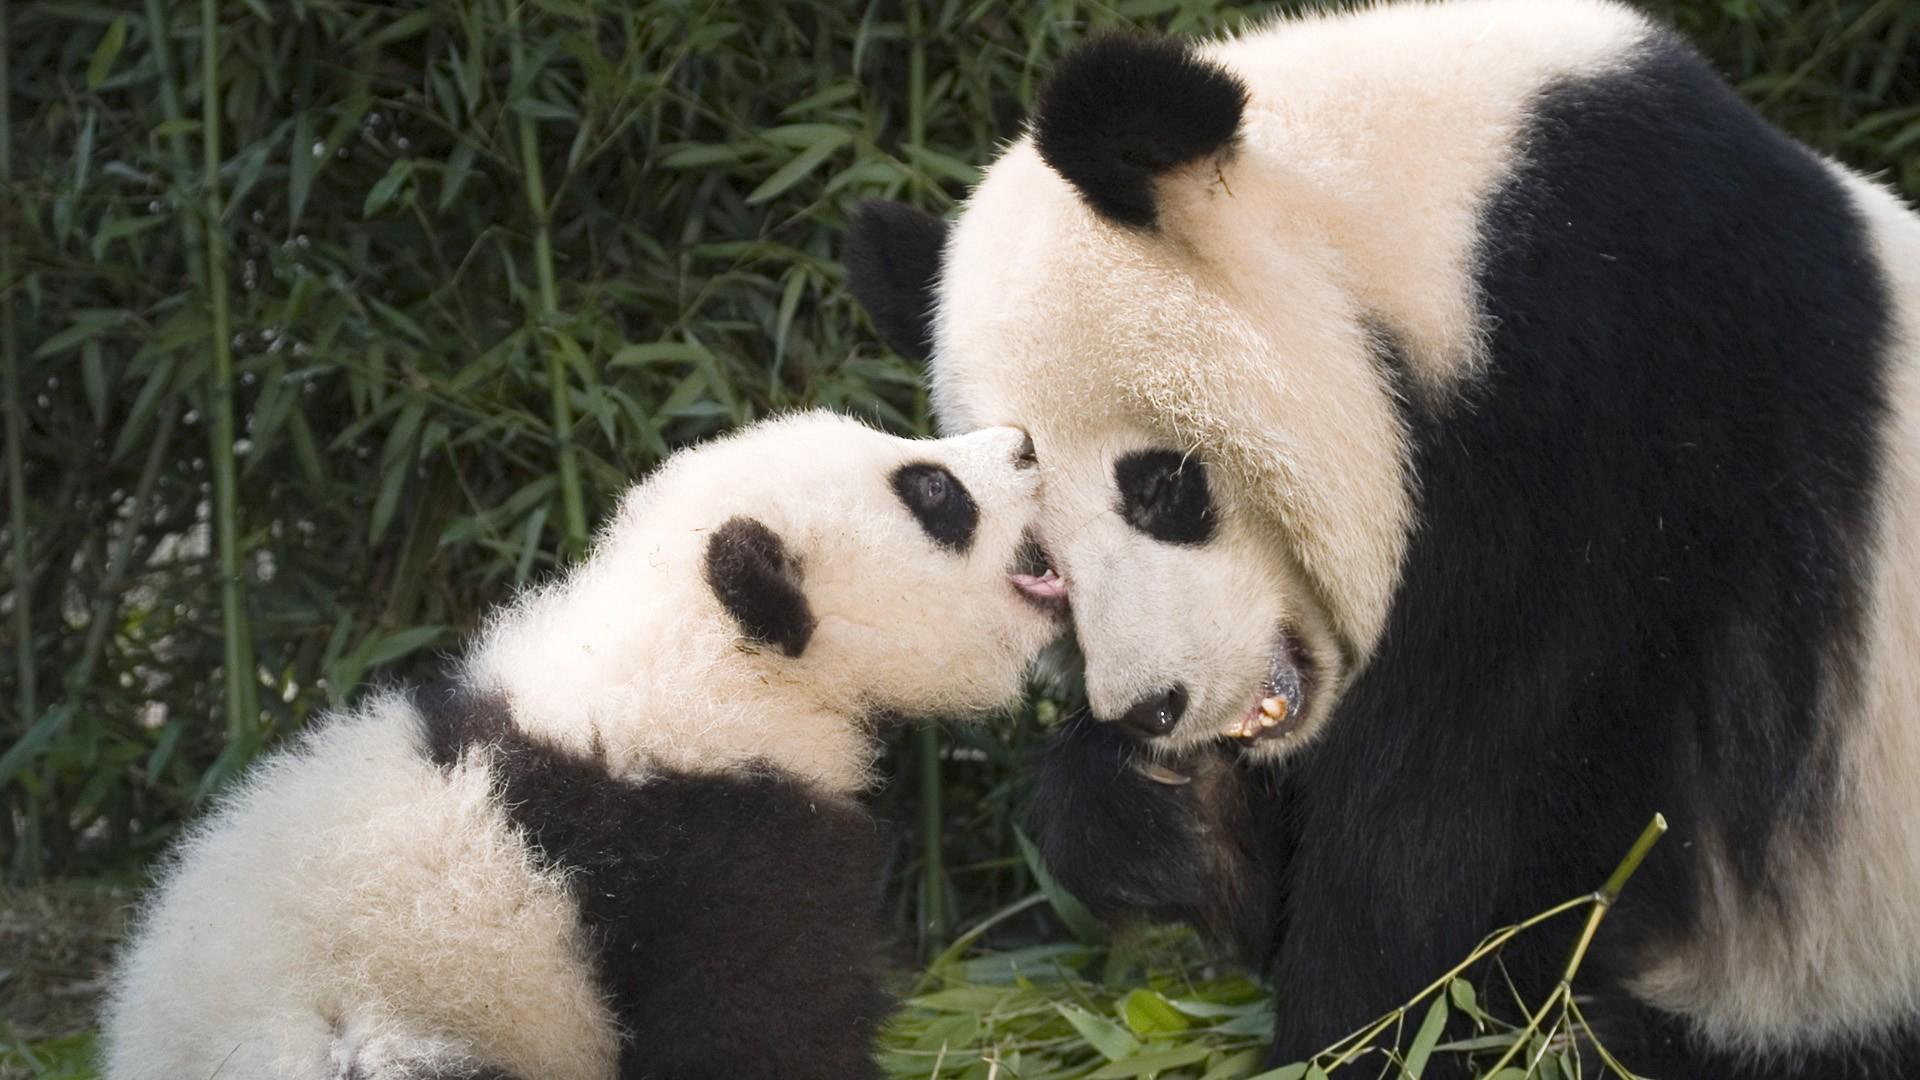 panda and baby panda HD wallpaper download 1920x1080